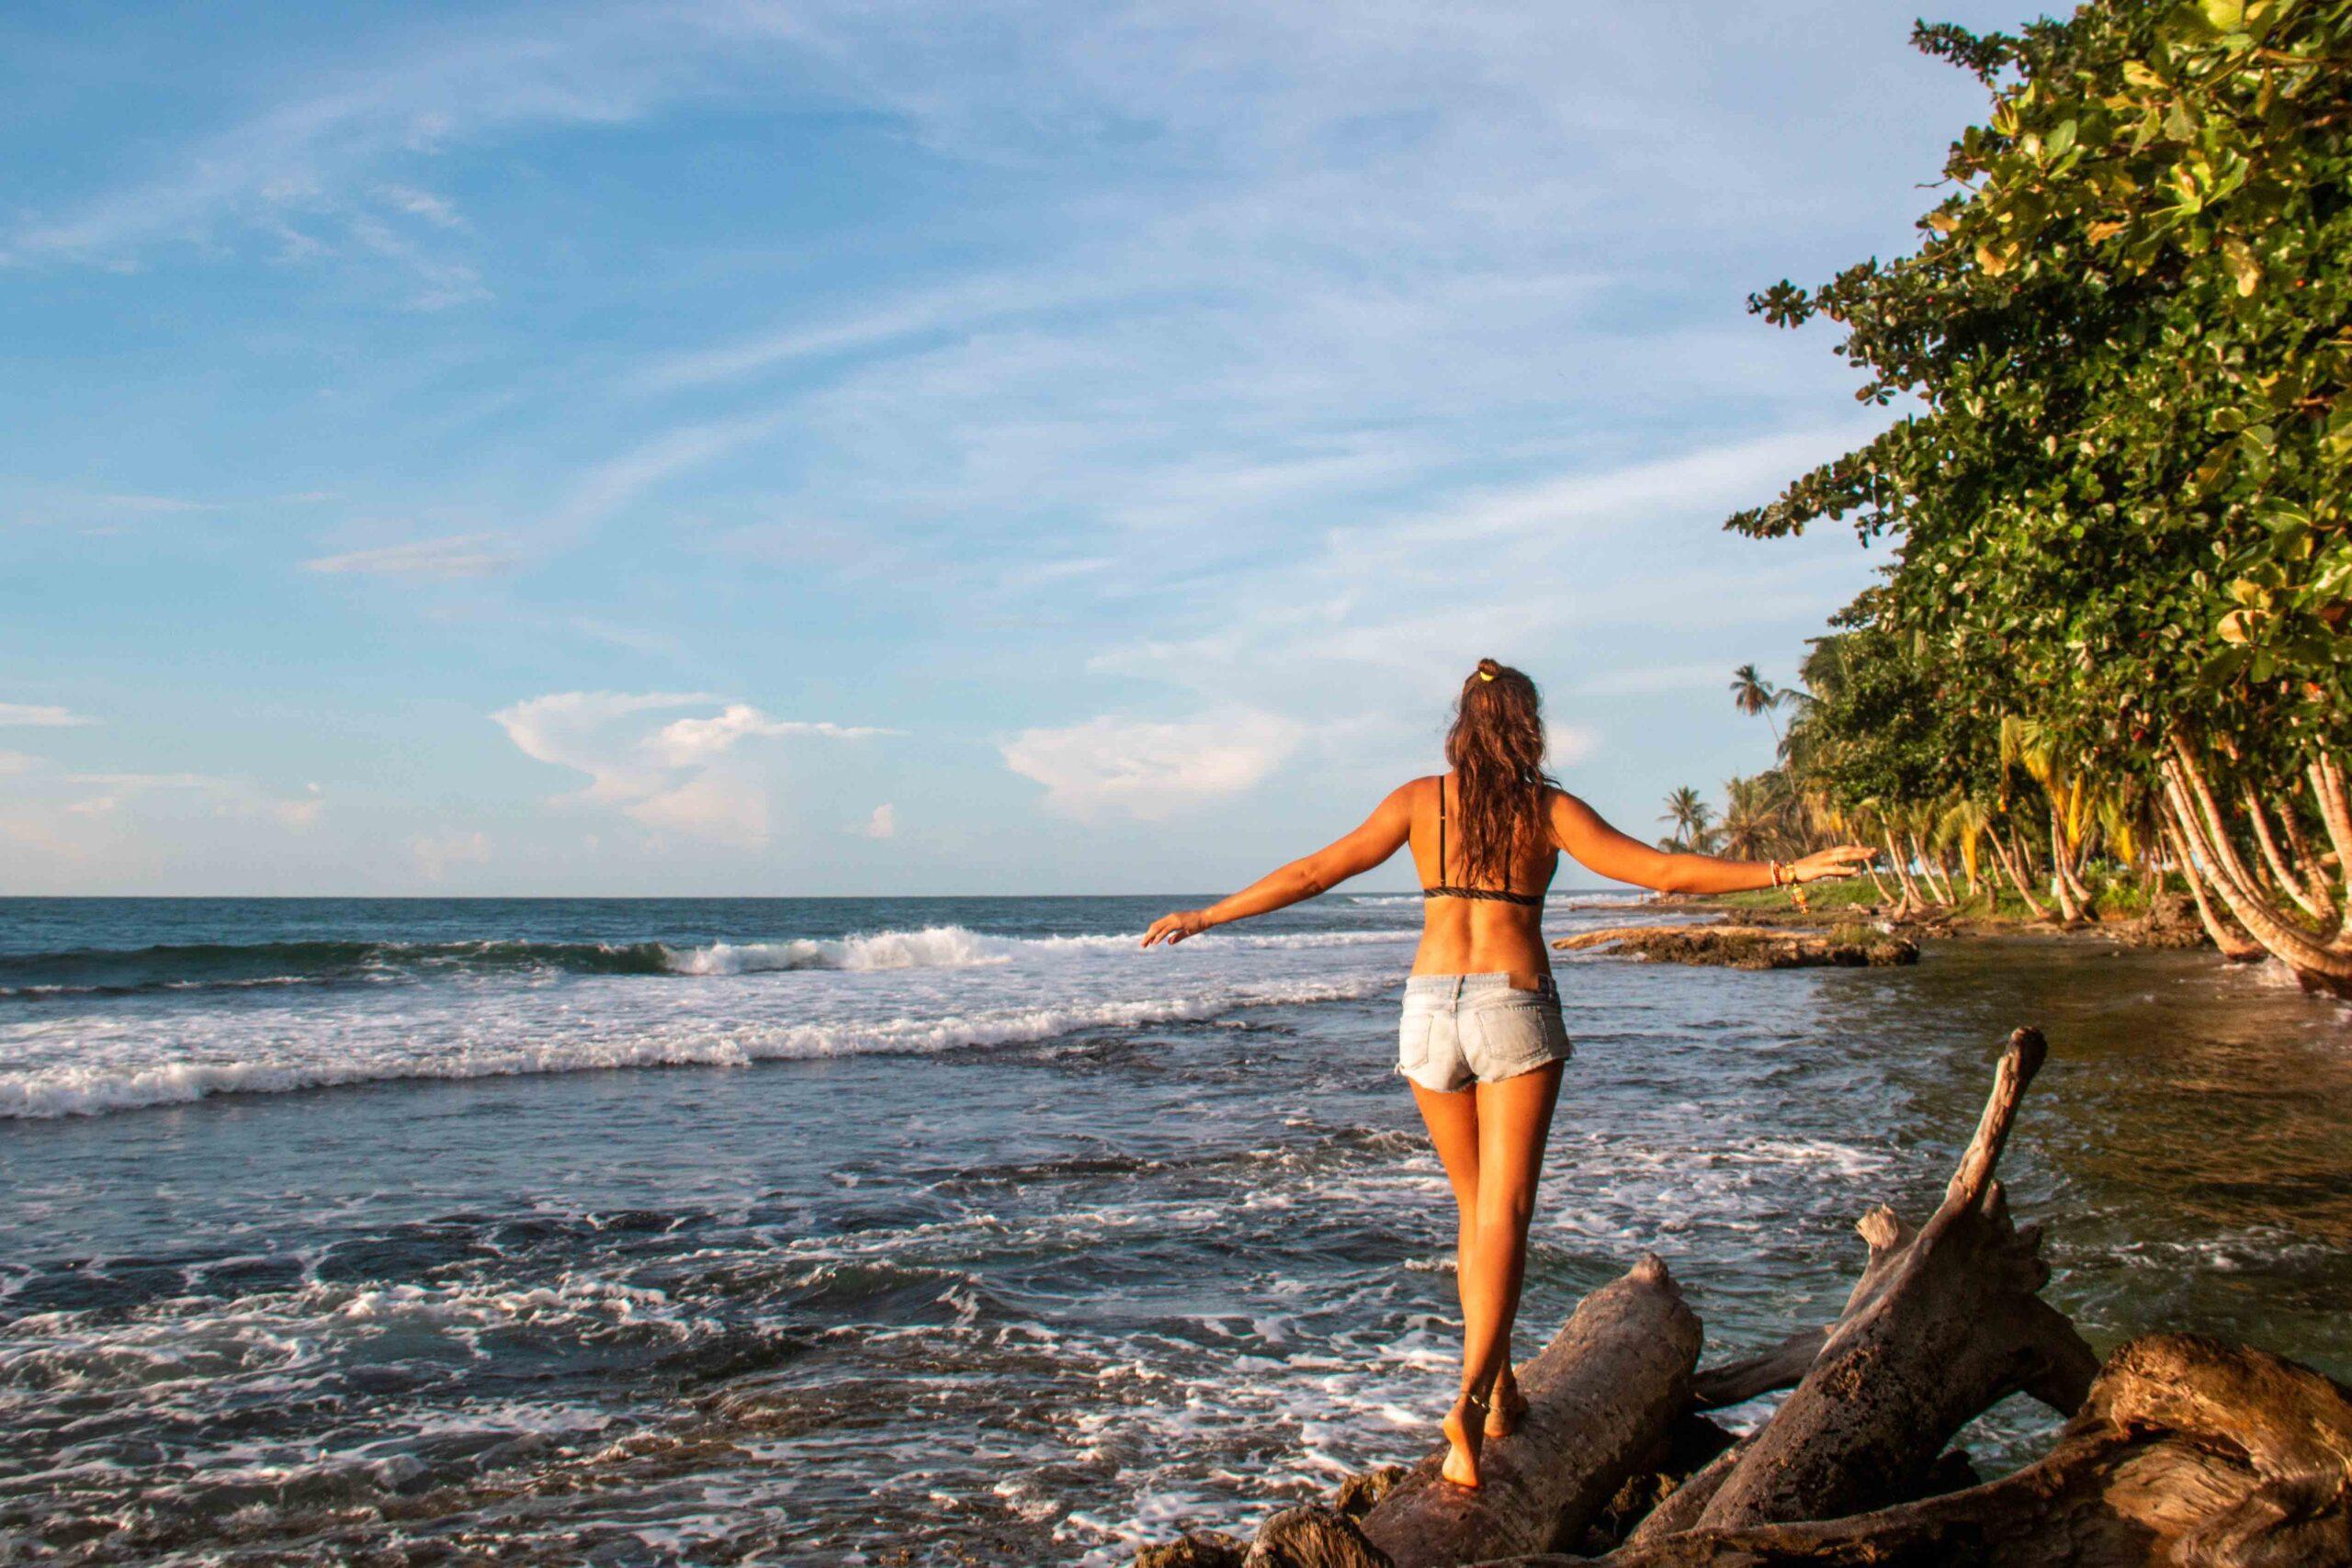 Puerto Viejo beach in Costa Rica